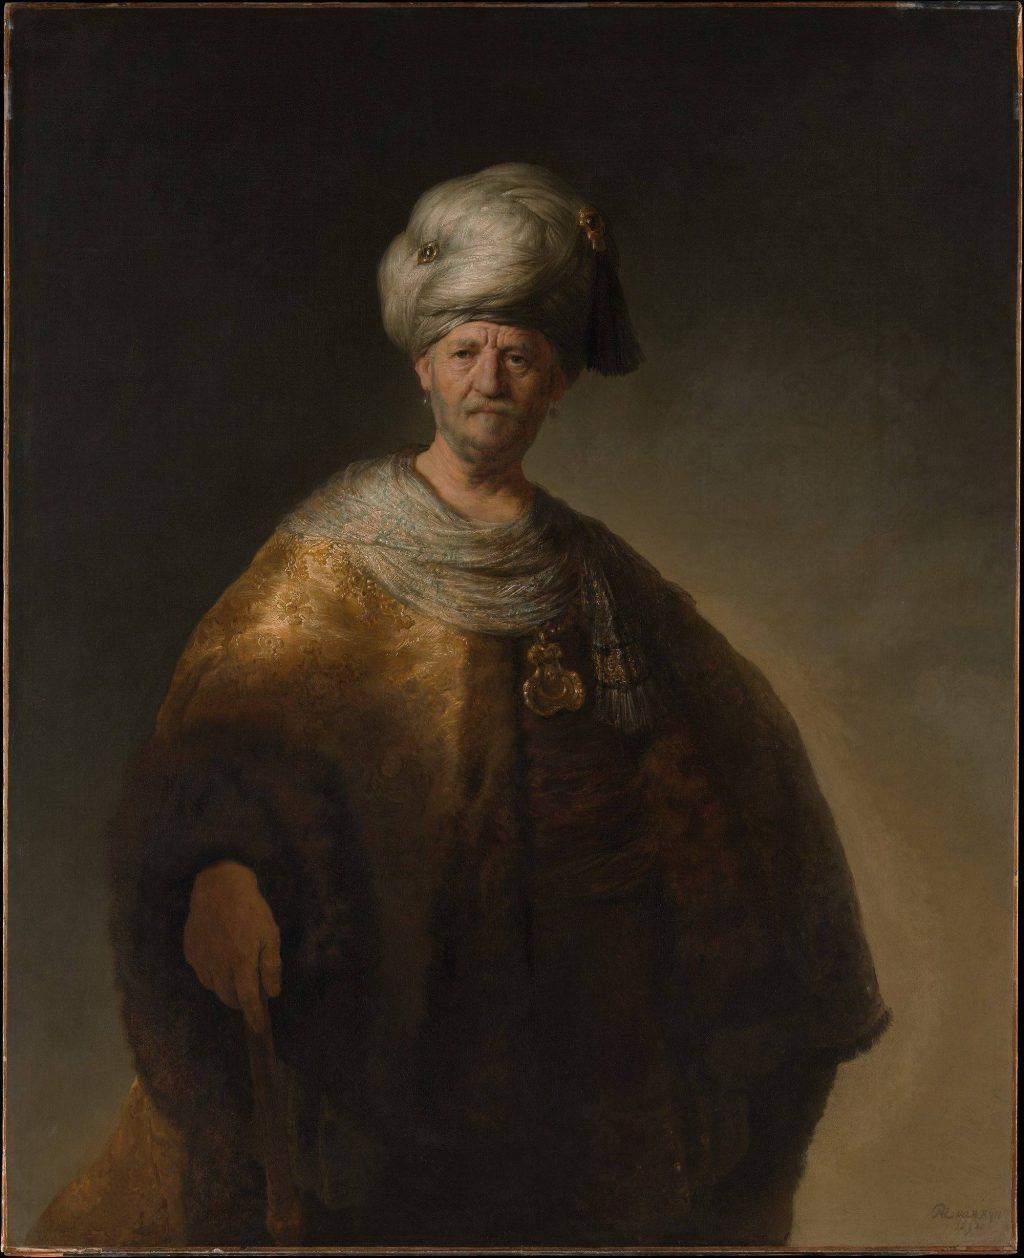 Rembrandt van Rijn, 'Man in Oriental Costume ('The Noble Slav'), 1632. Bequest of William K. Vanderbilt, 1920. Metropolitan Museum of Art, New York